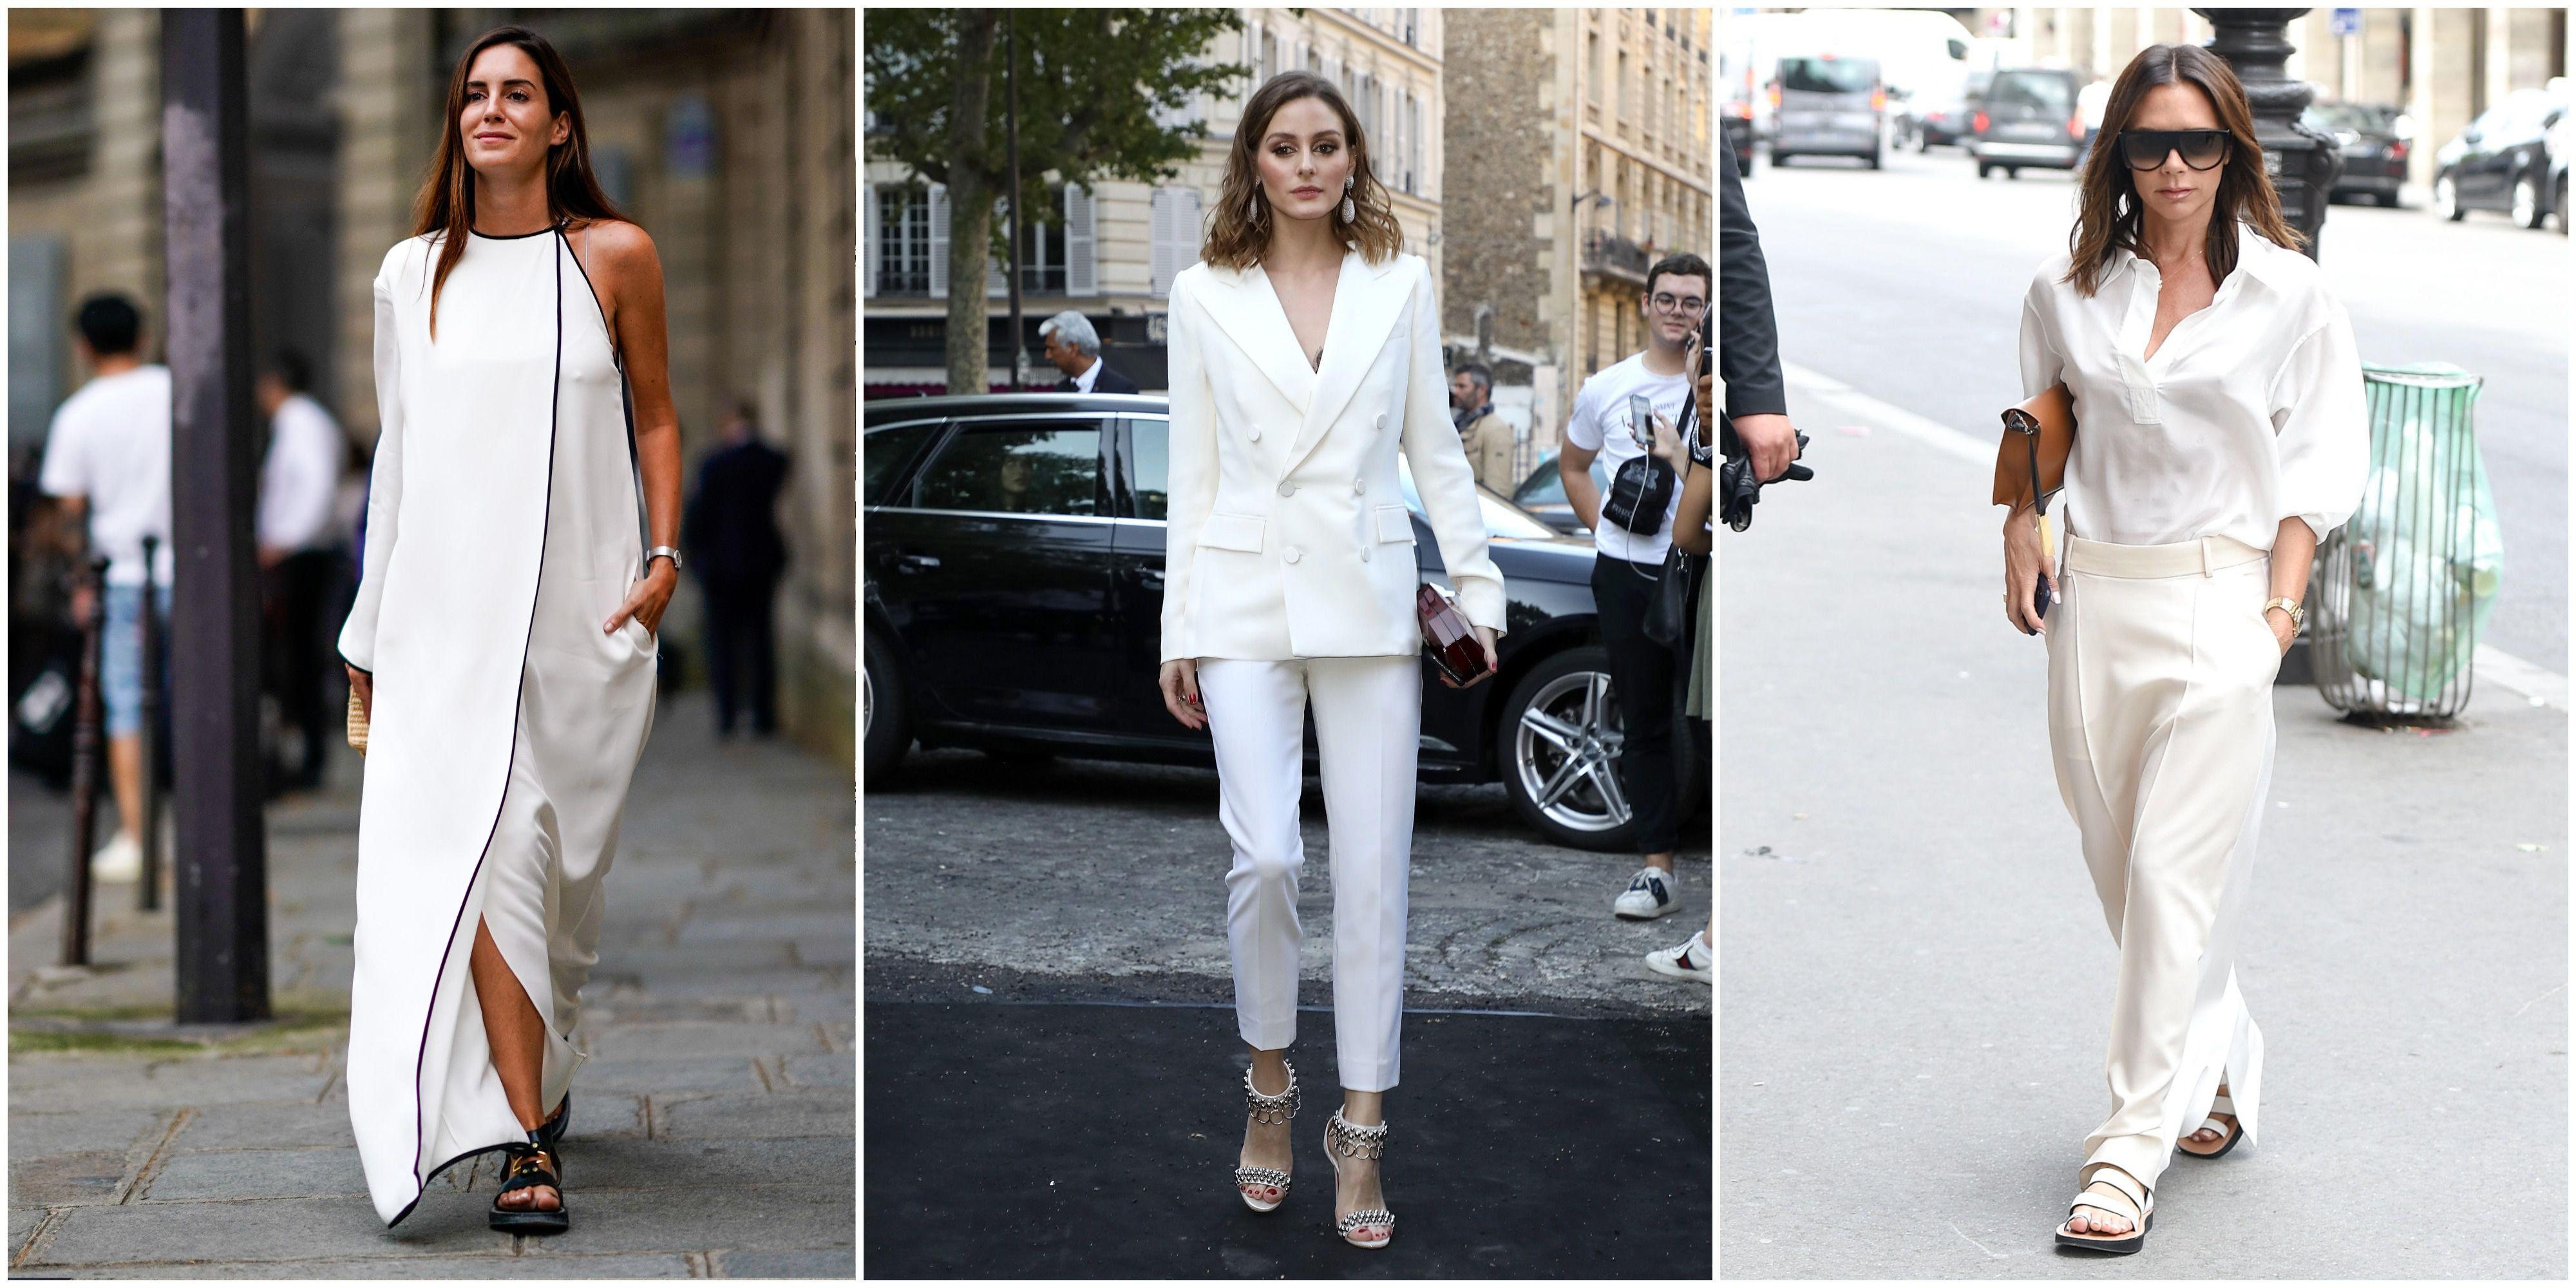 0be448415 Los looks de la semana: Olivia Palermo y Pippa Middleton las más ...